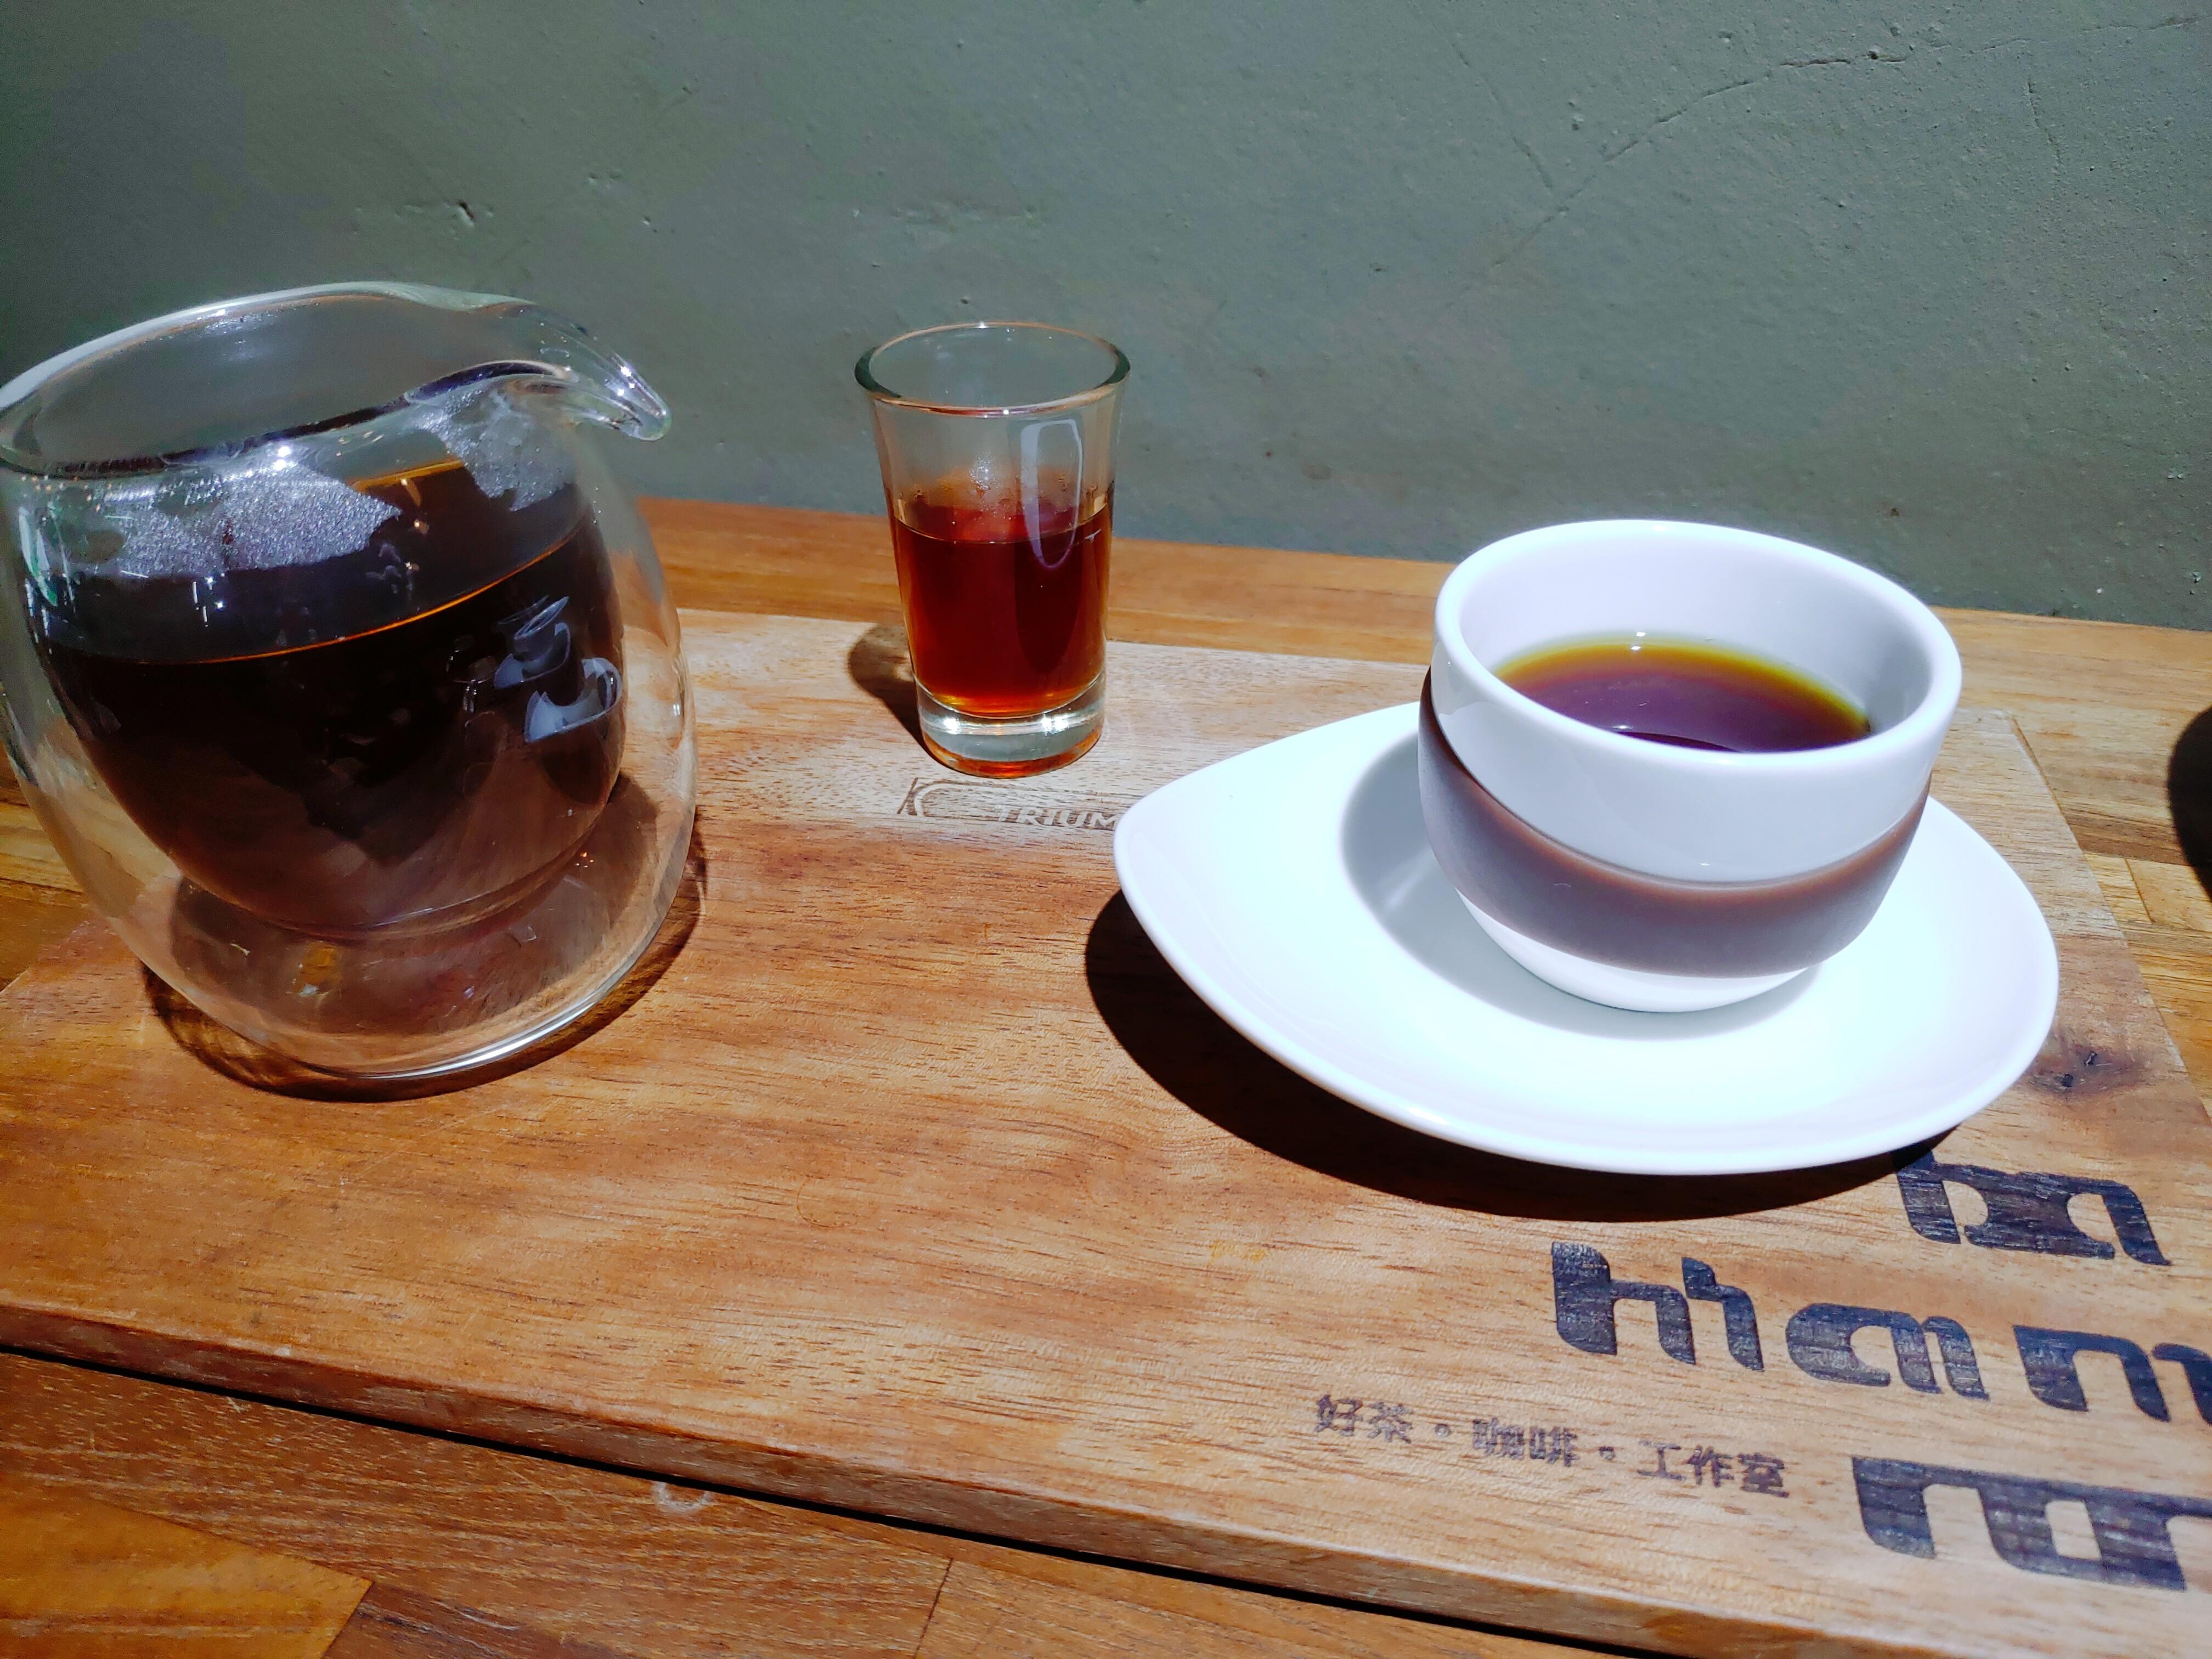 【花蓮瑞穗】好茶咖啡工作室|在地自產的茶與咖啡,DIY研磨咖啡豆